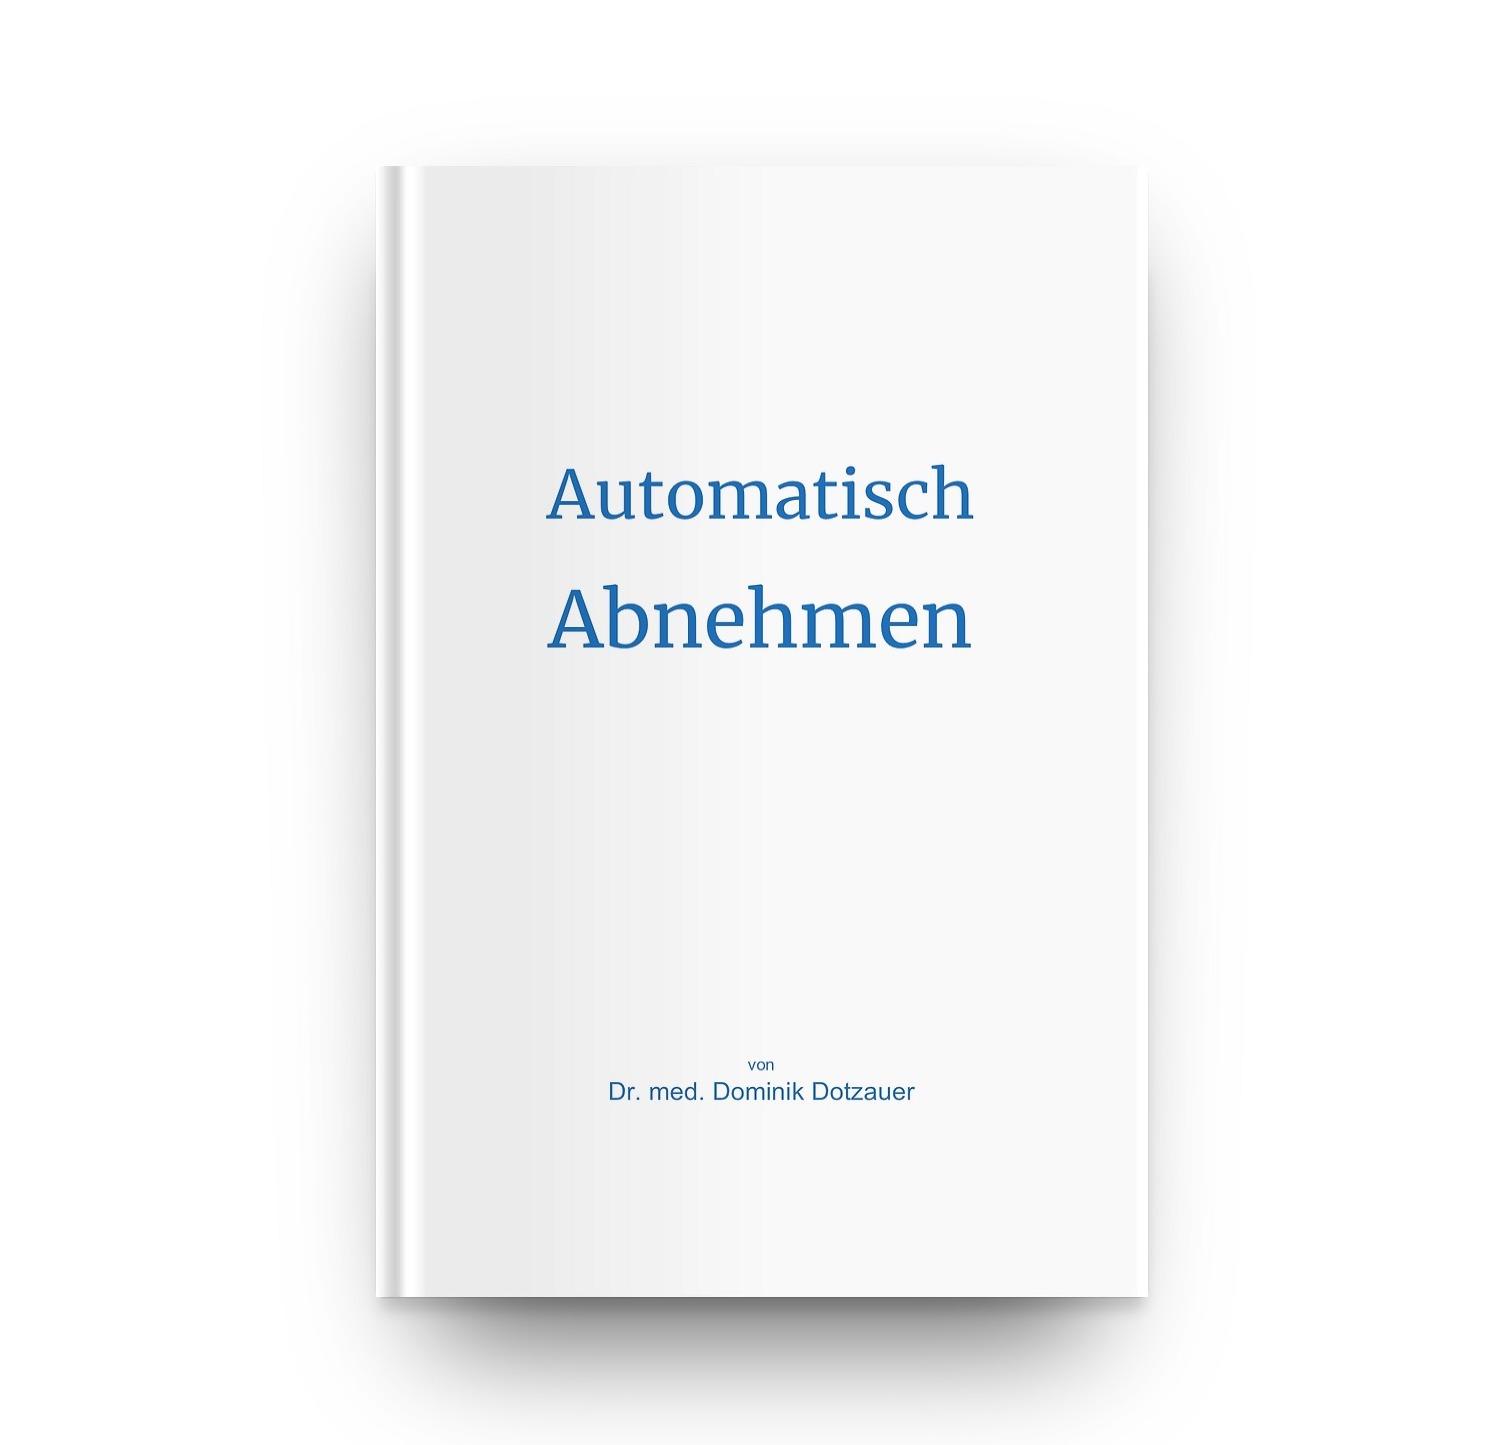 Automatisch abnehmen Buchcover frontal kleiner